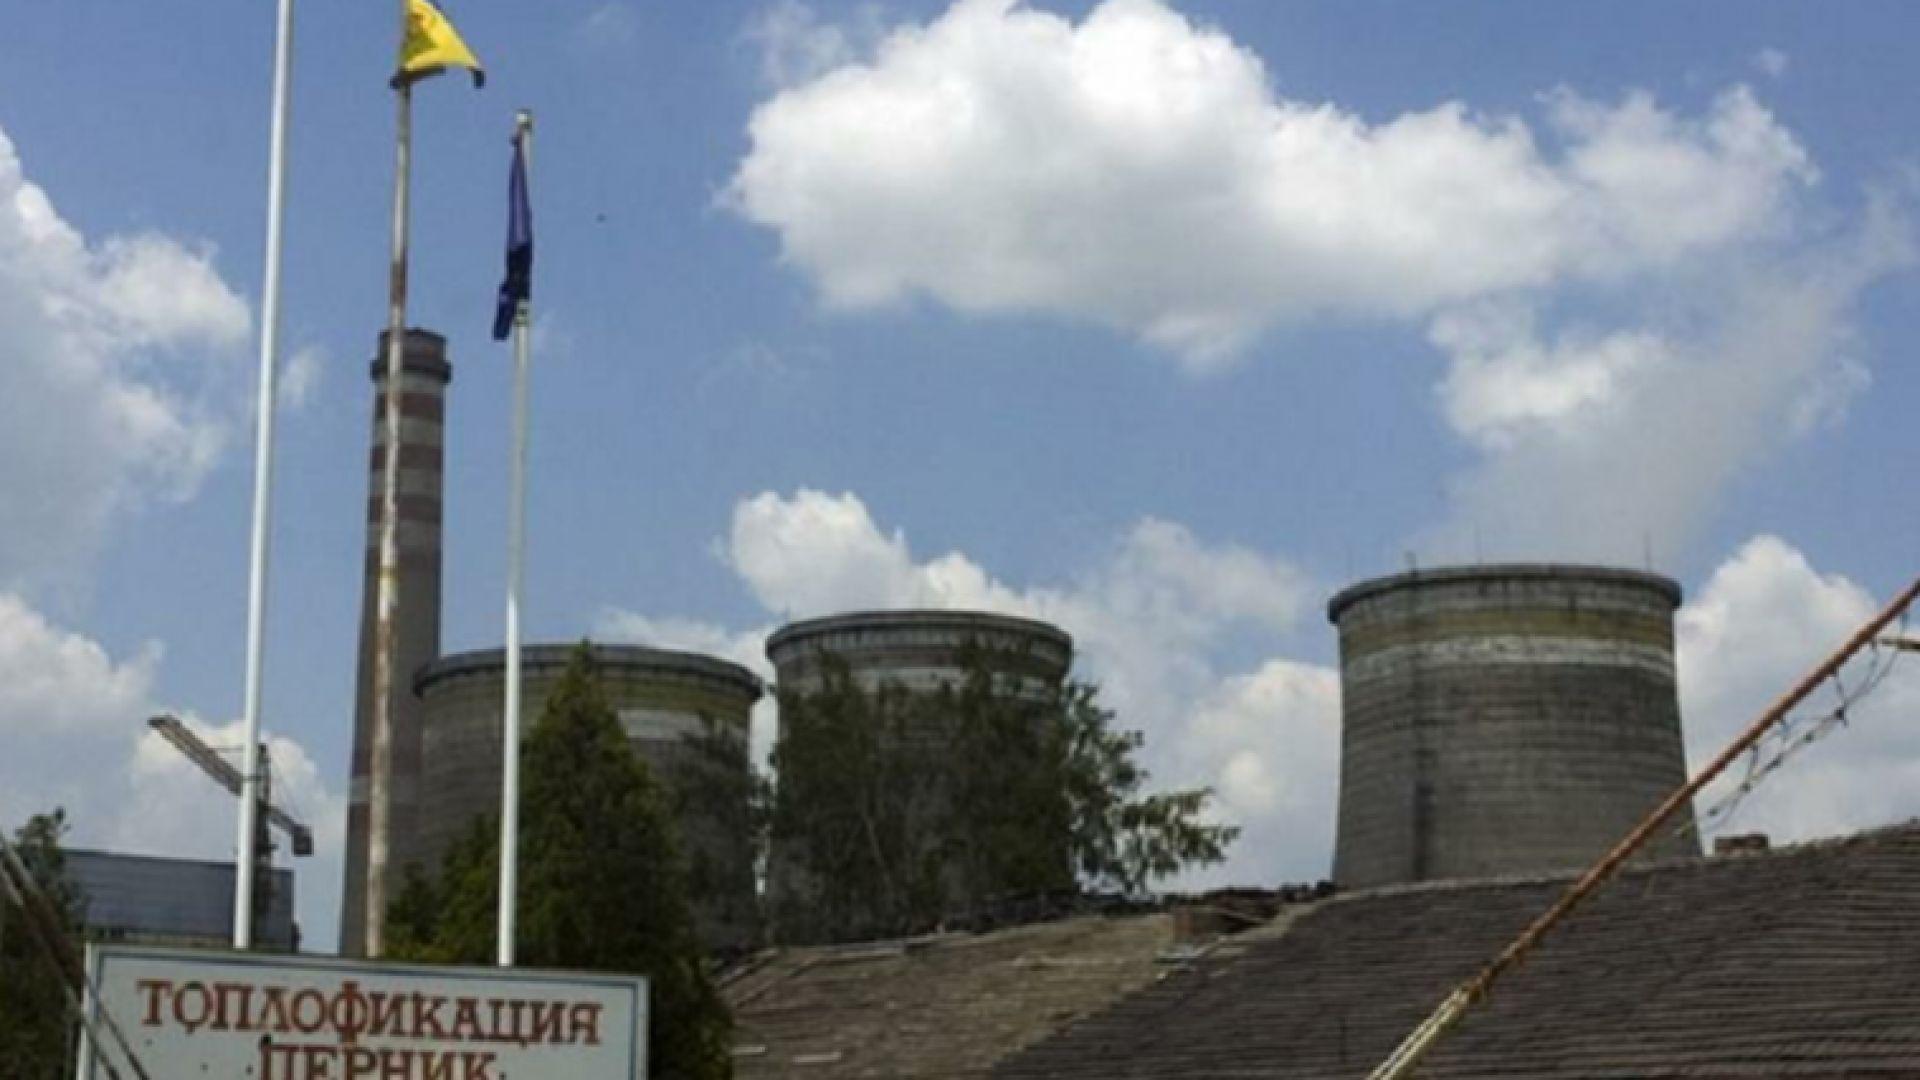 """""""Топлофикация Перник"""" с второ инвестиционно намерение за частично заместване на въглищата с биомаса"""